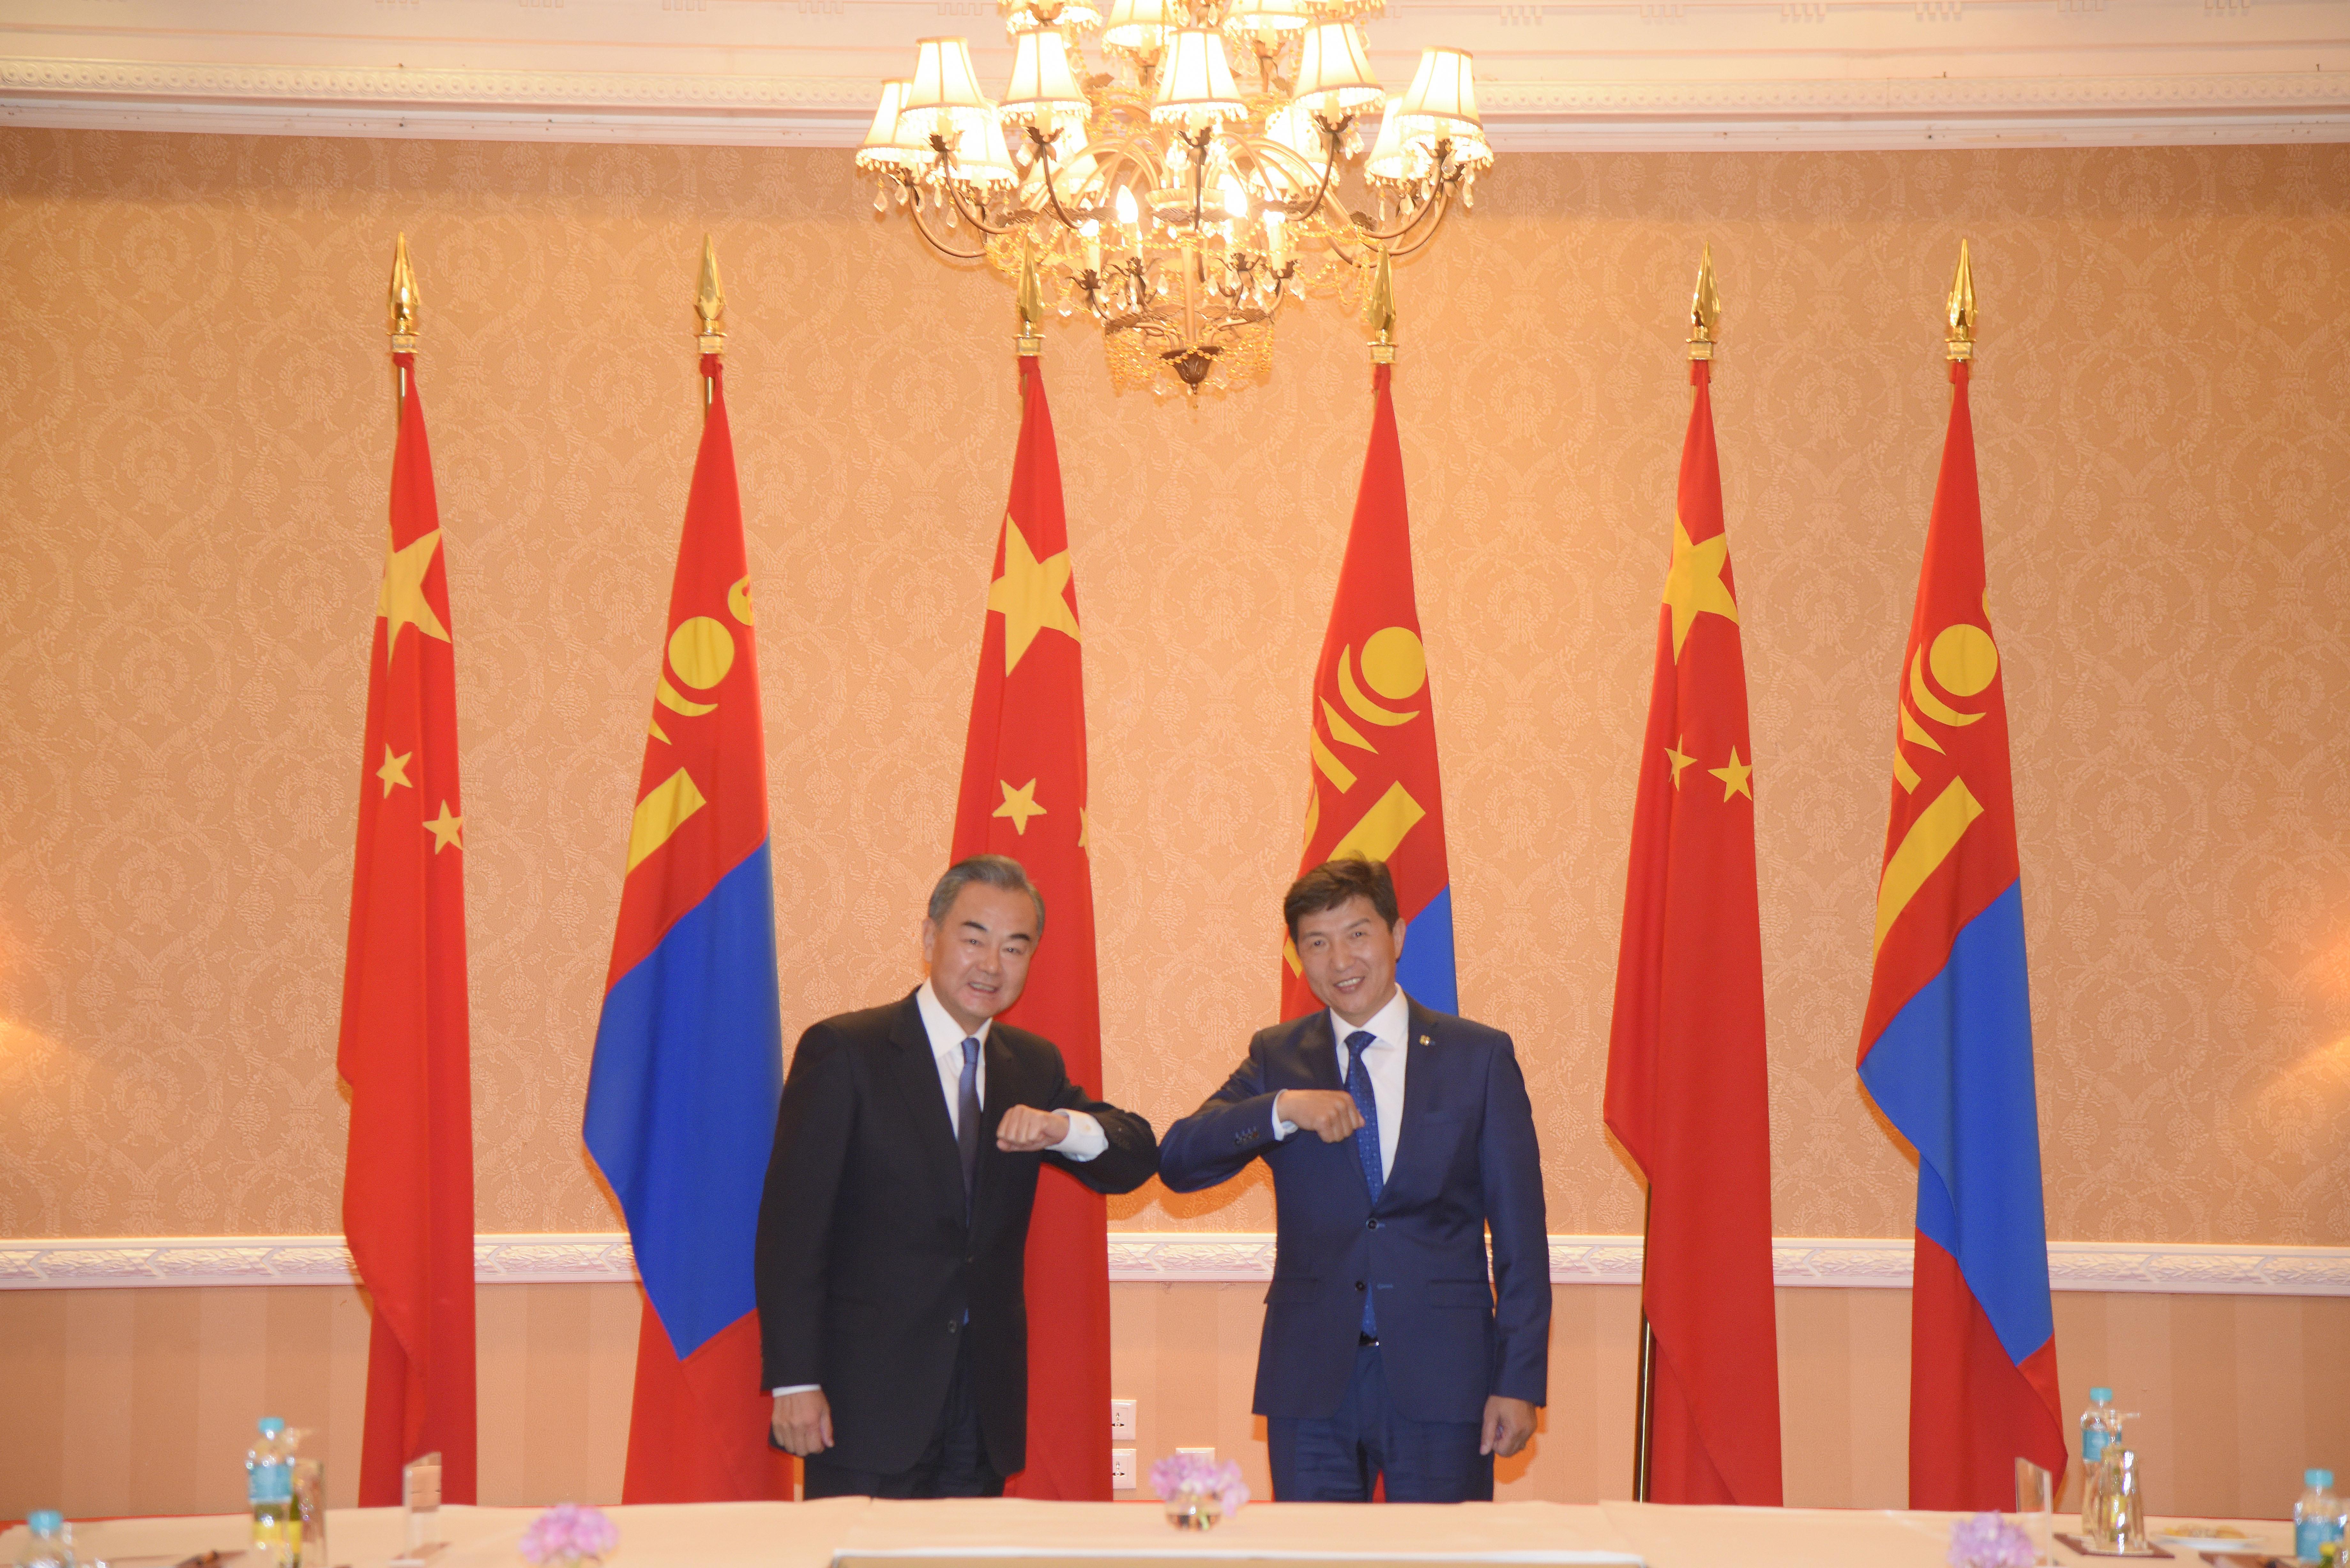 Монгол улсын ГХ-ны Сайд Н.Энхтүвшин БНХАУ-ын Төрийн Зөвлөлийн гишүүн, Гадаад хэргийн сайд Ван И нар хэлэлцээр хийв